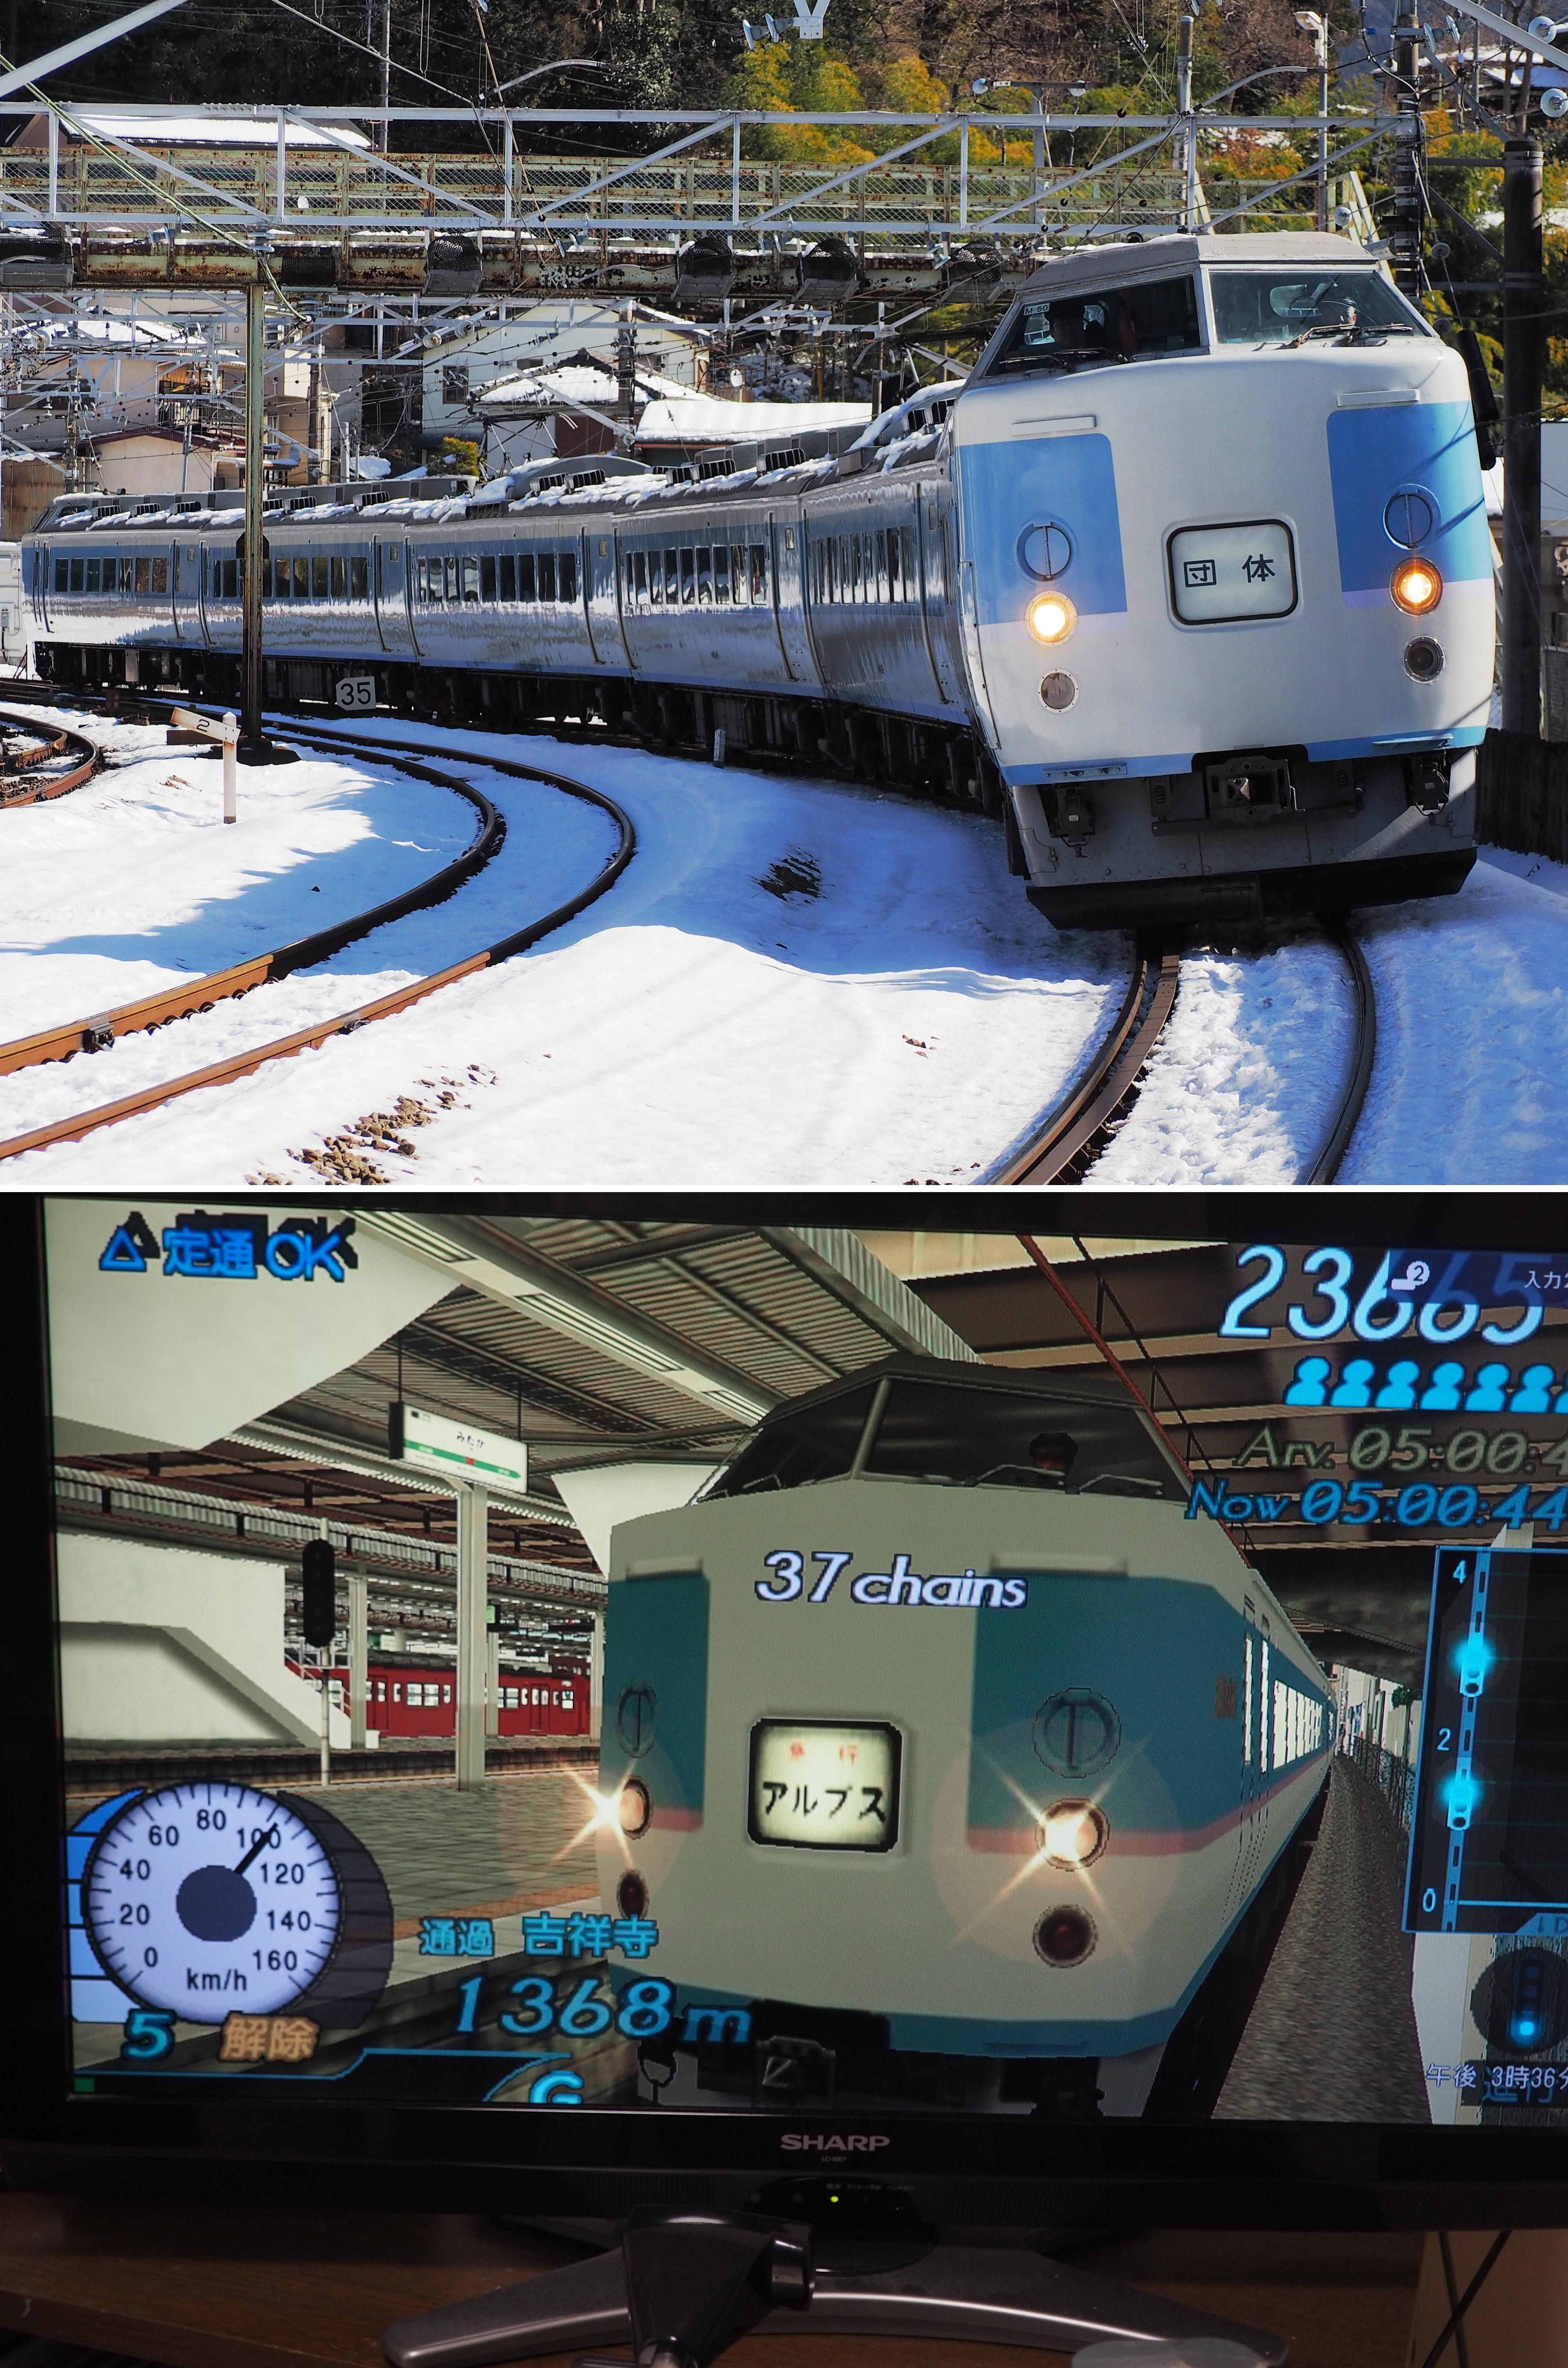 (上)JR東日本が今年1月25日に最終運転した189系の「旧あずさ色」=神奈川県相模原市、(下)「電車でGO!プラグ・アンド・プレー」で、JR東日本の189系が急行「アルプス」として走るCG